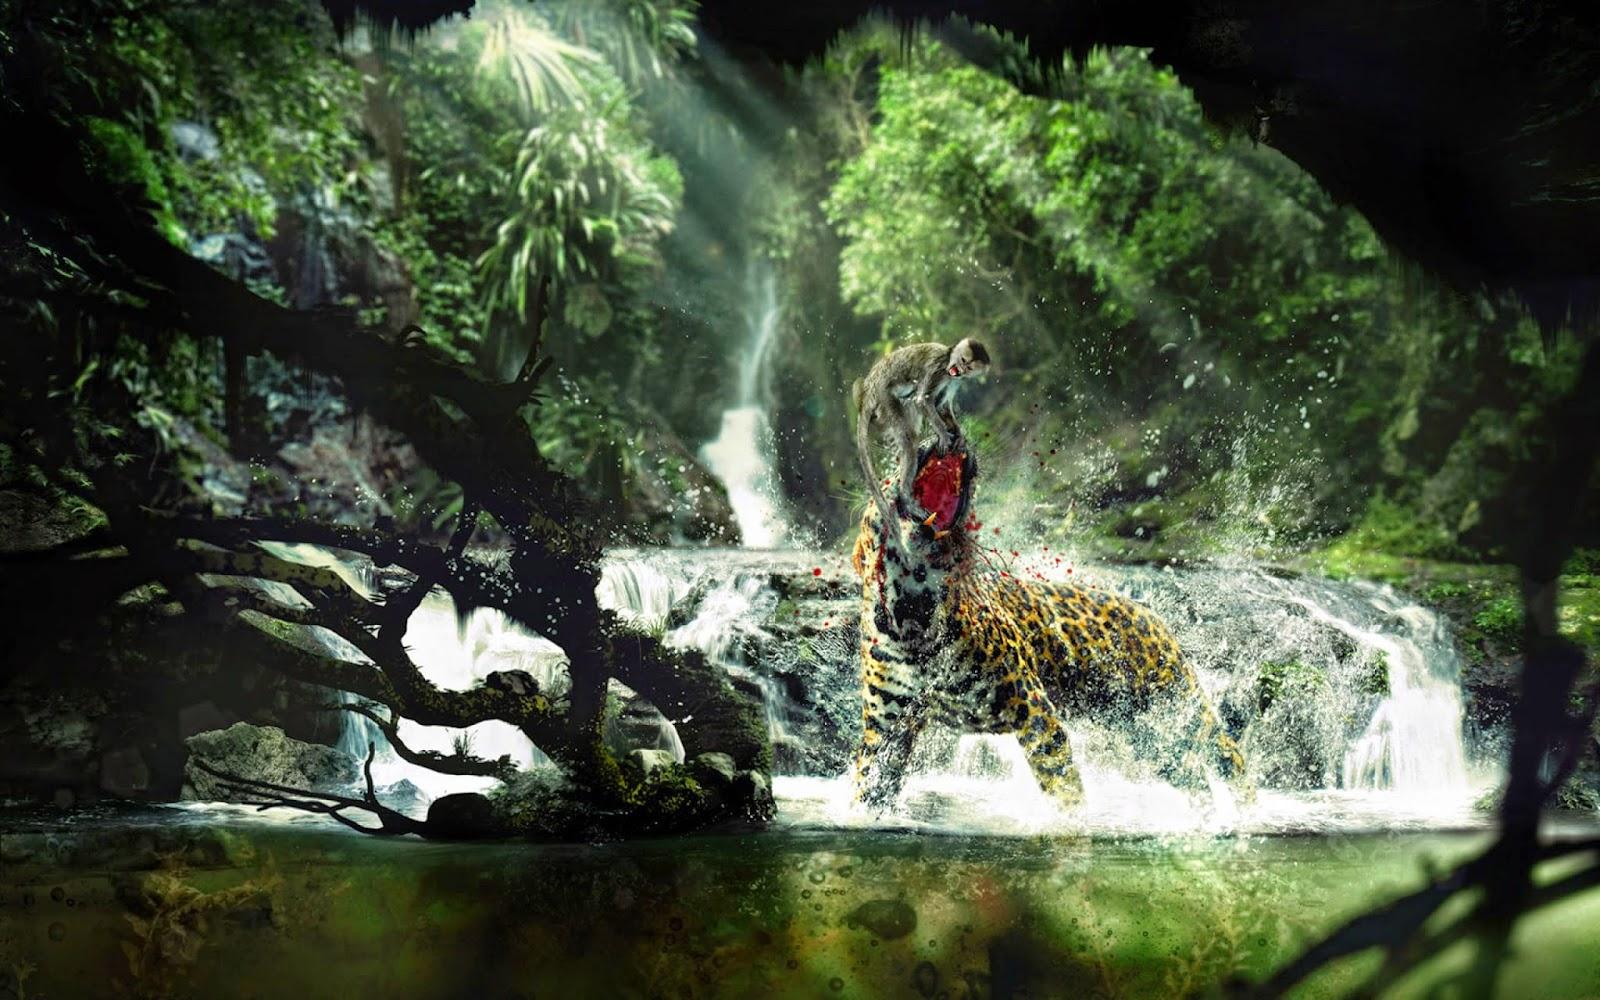 Terriod Animals Hd Wallpapers